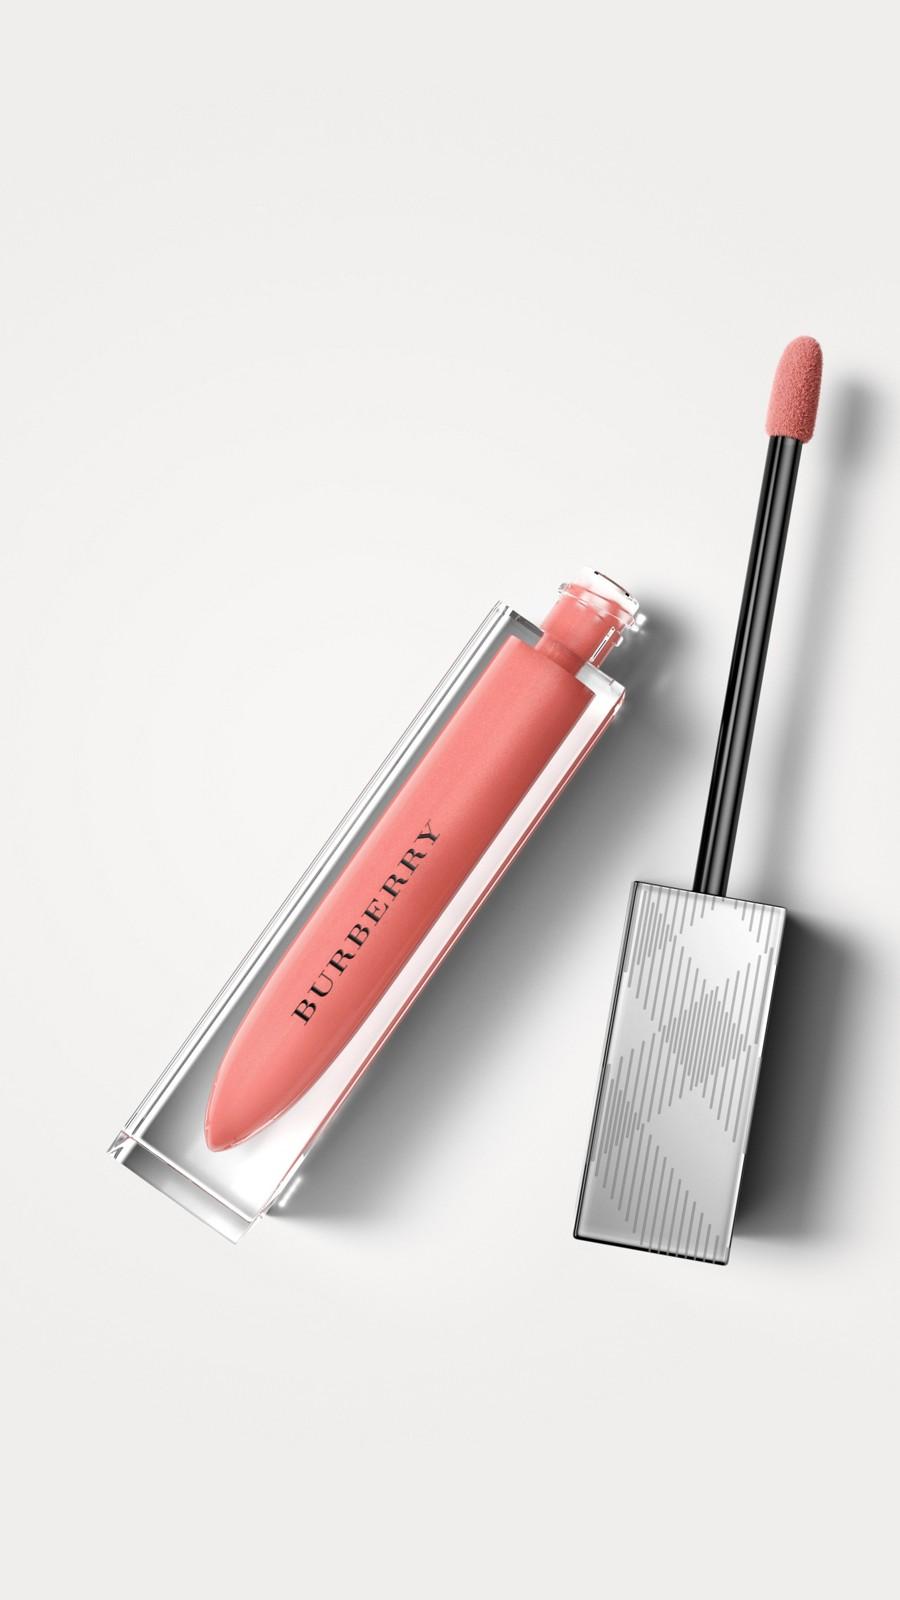 Cameo pink 07 Lip Glow - Cameo Pink No.07 - Image 1